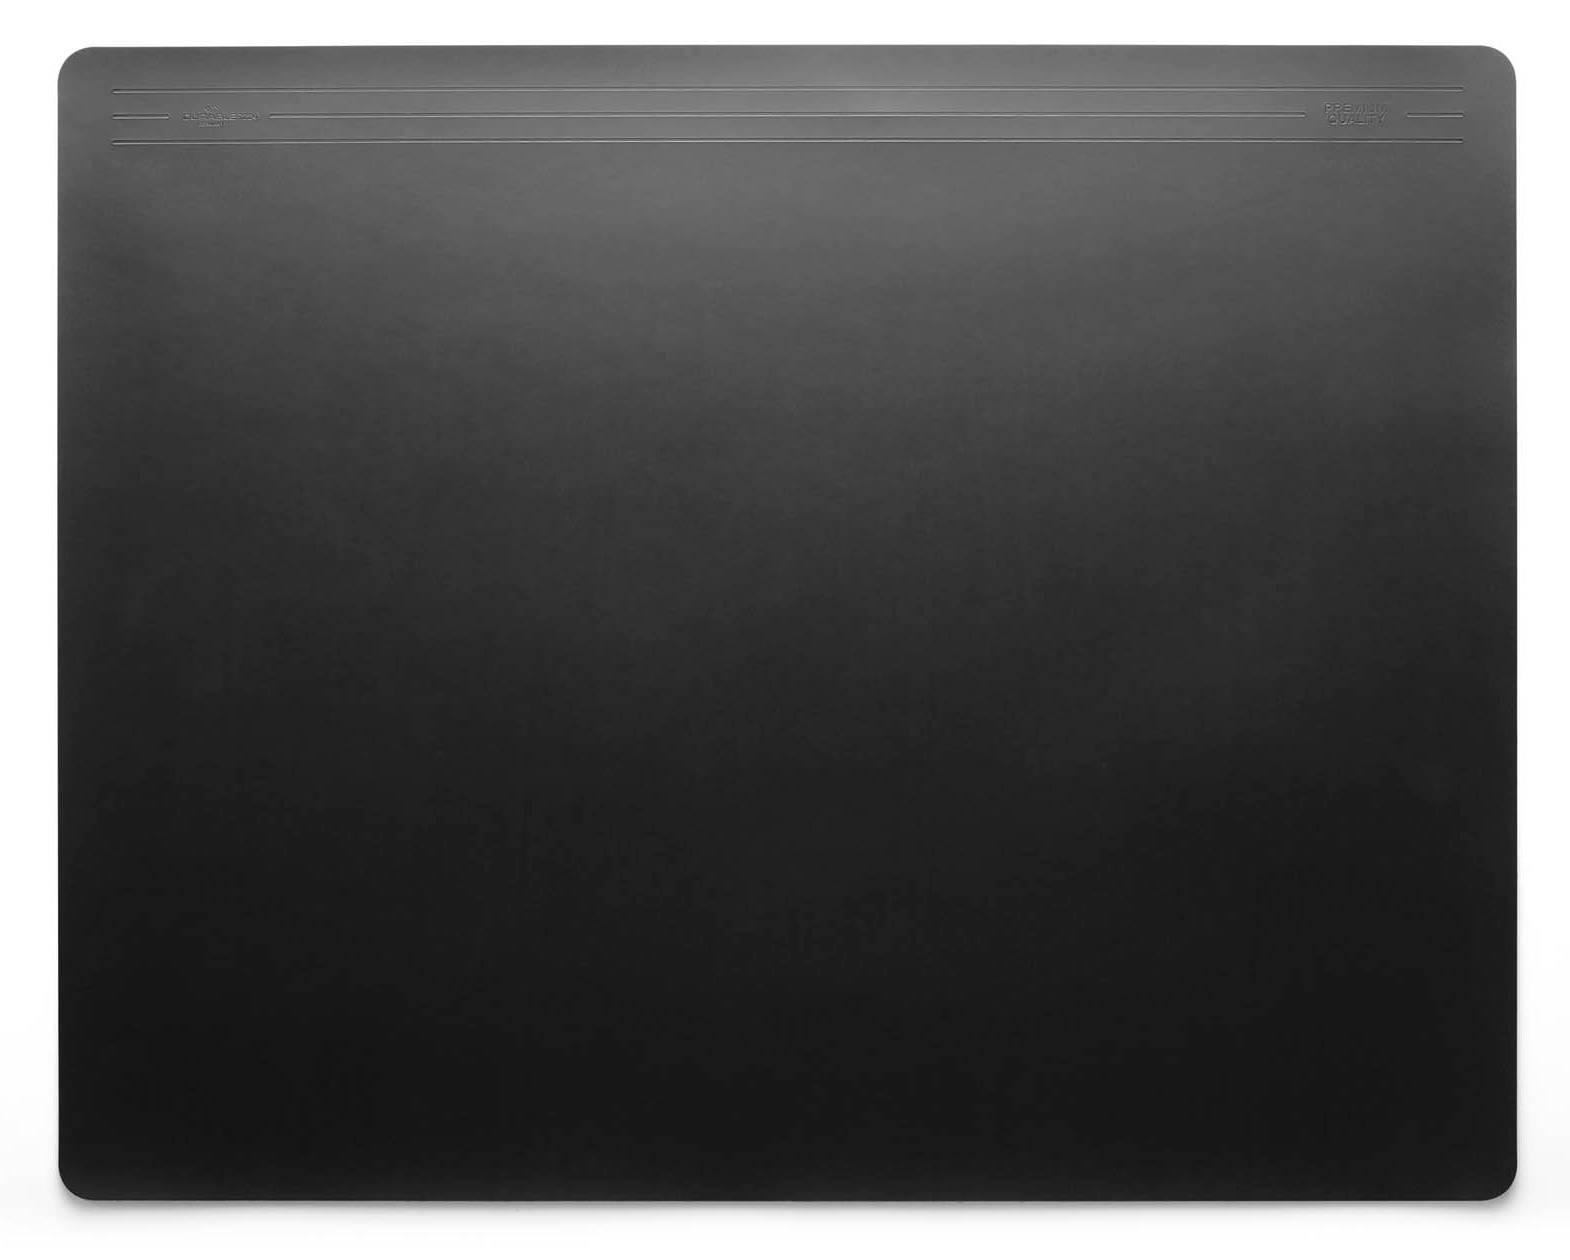 Настольное покрытие Durable 7224-01 черный - фото 1